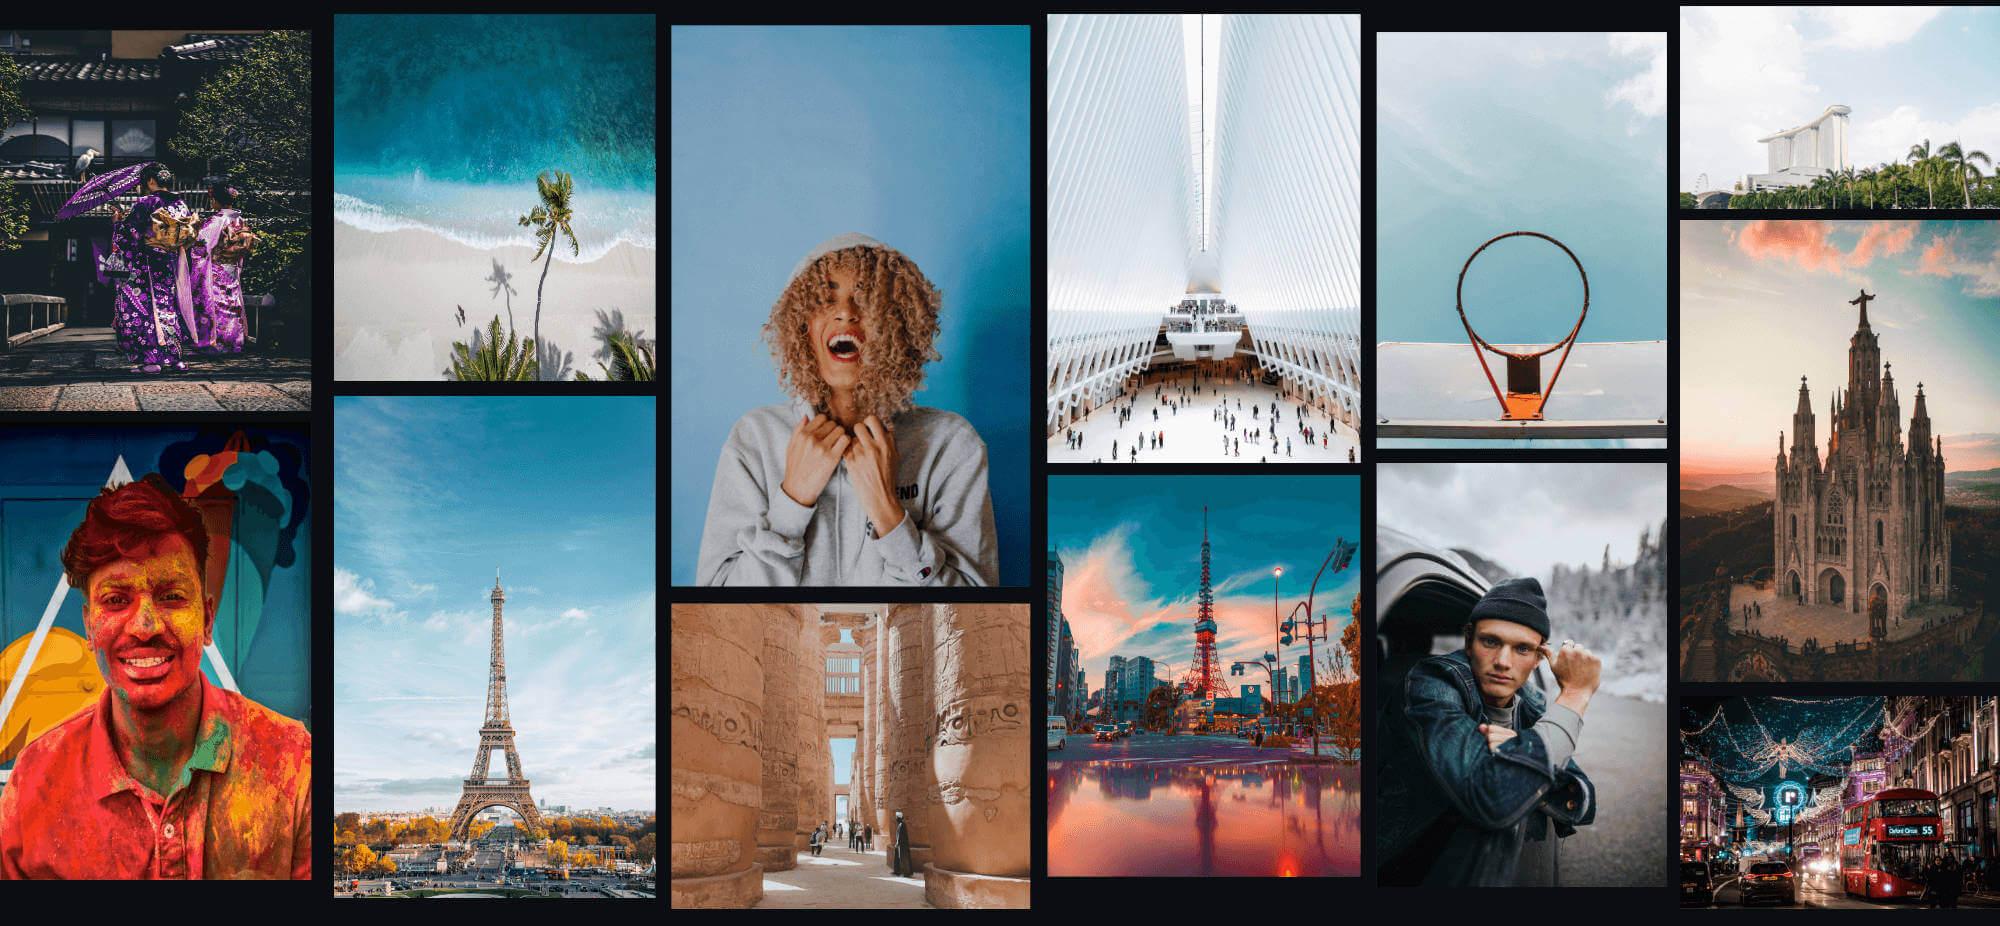 En Mejor Destino creamos tu viaje personalizado con la ayuda de nuestra comunidad de viajeros, fotógrafos y creadores de contenido